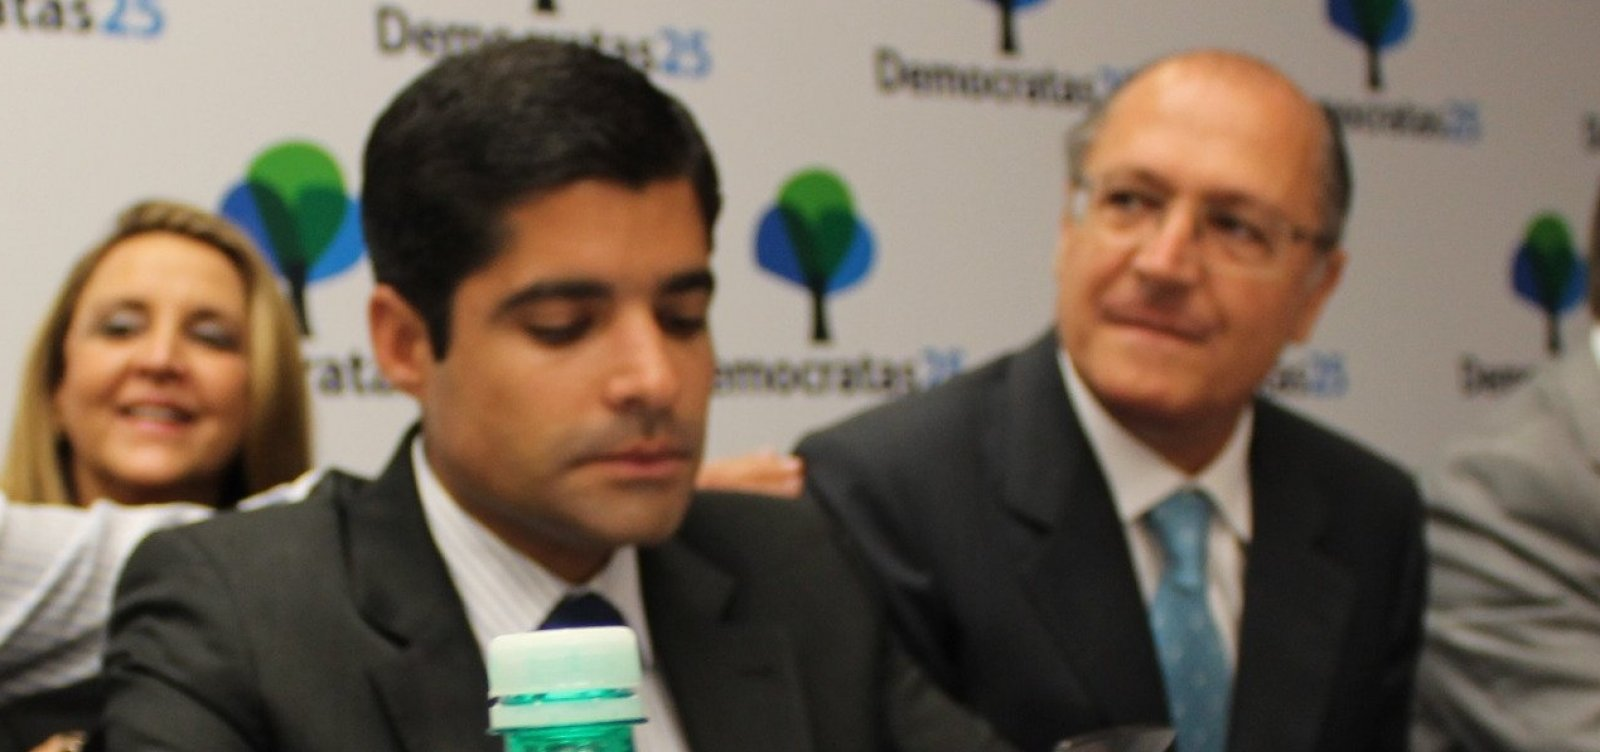 [Neto viaja ao exterior, deixa Alckmin órfão e aliados protestam por 'falta de empenho' pró-Zé Ronaldo]